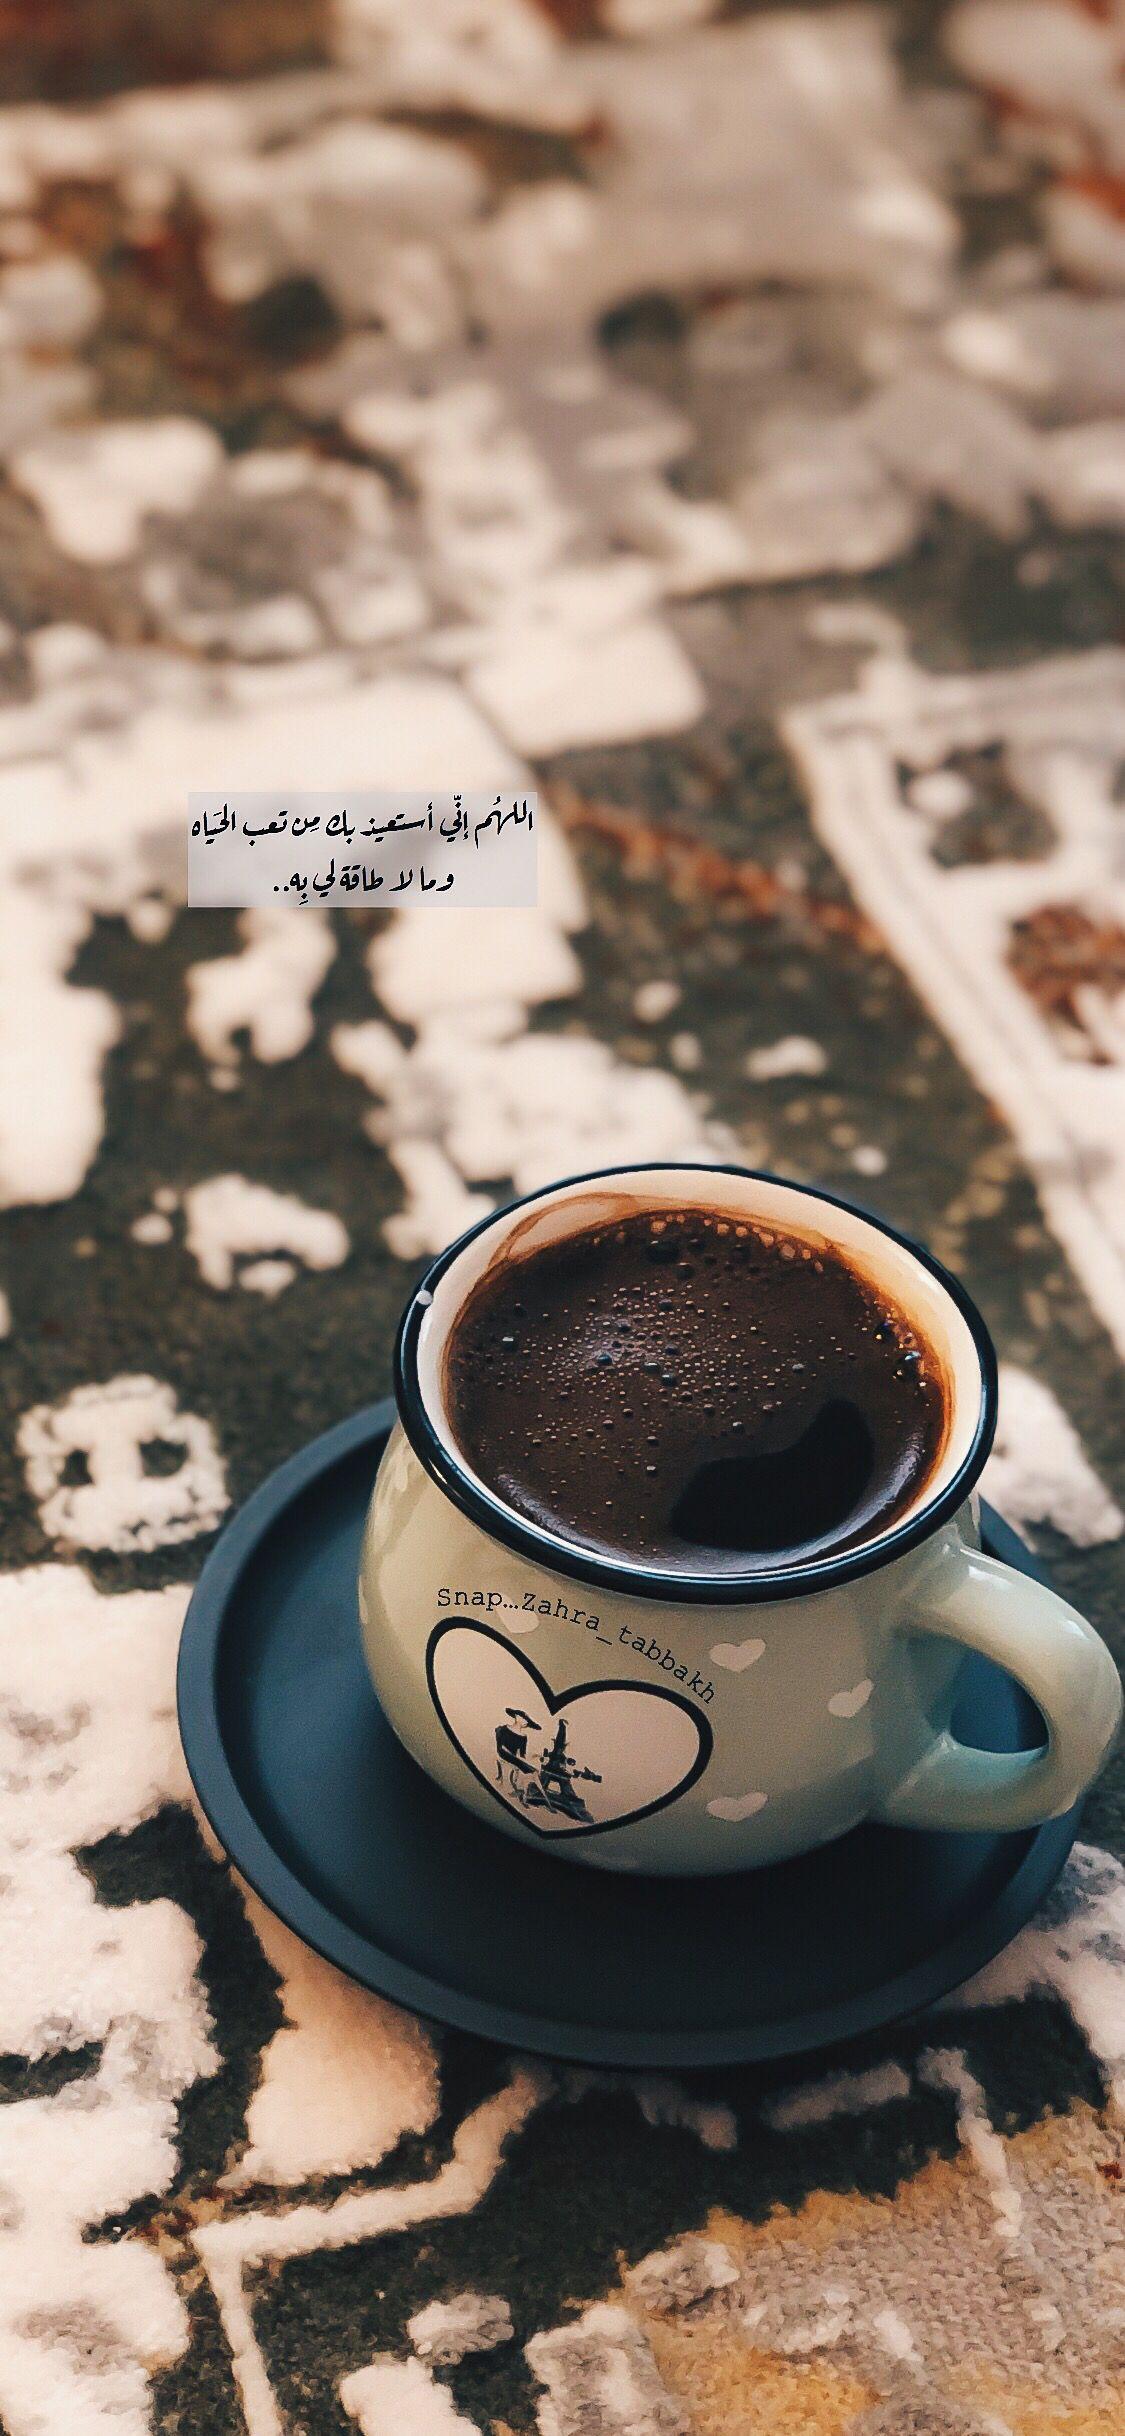 ربنا لا تحملنا ما لا طاقة لنا به Morning Coffee Photo Quotes Coffee